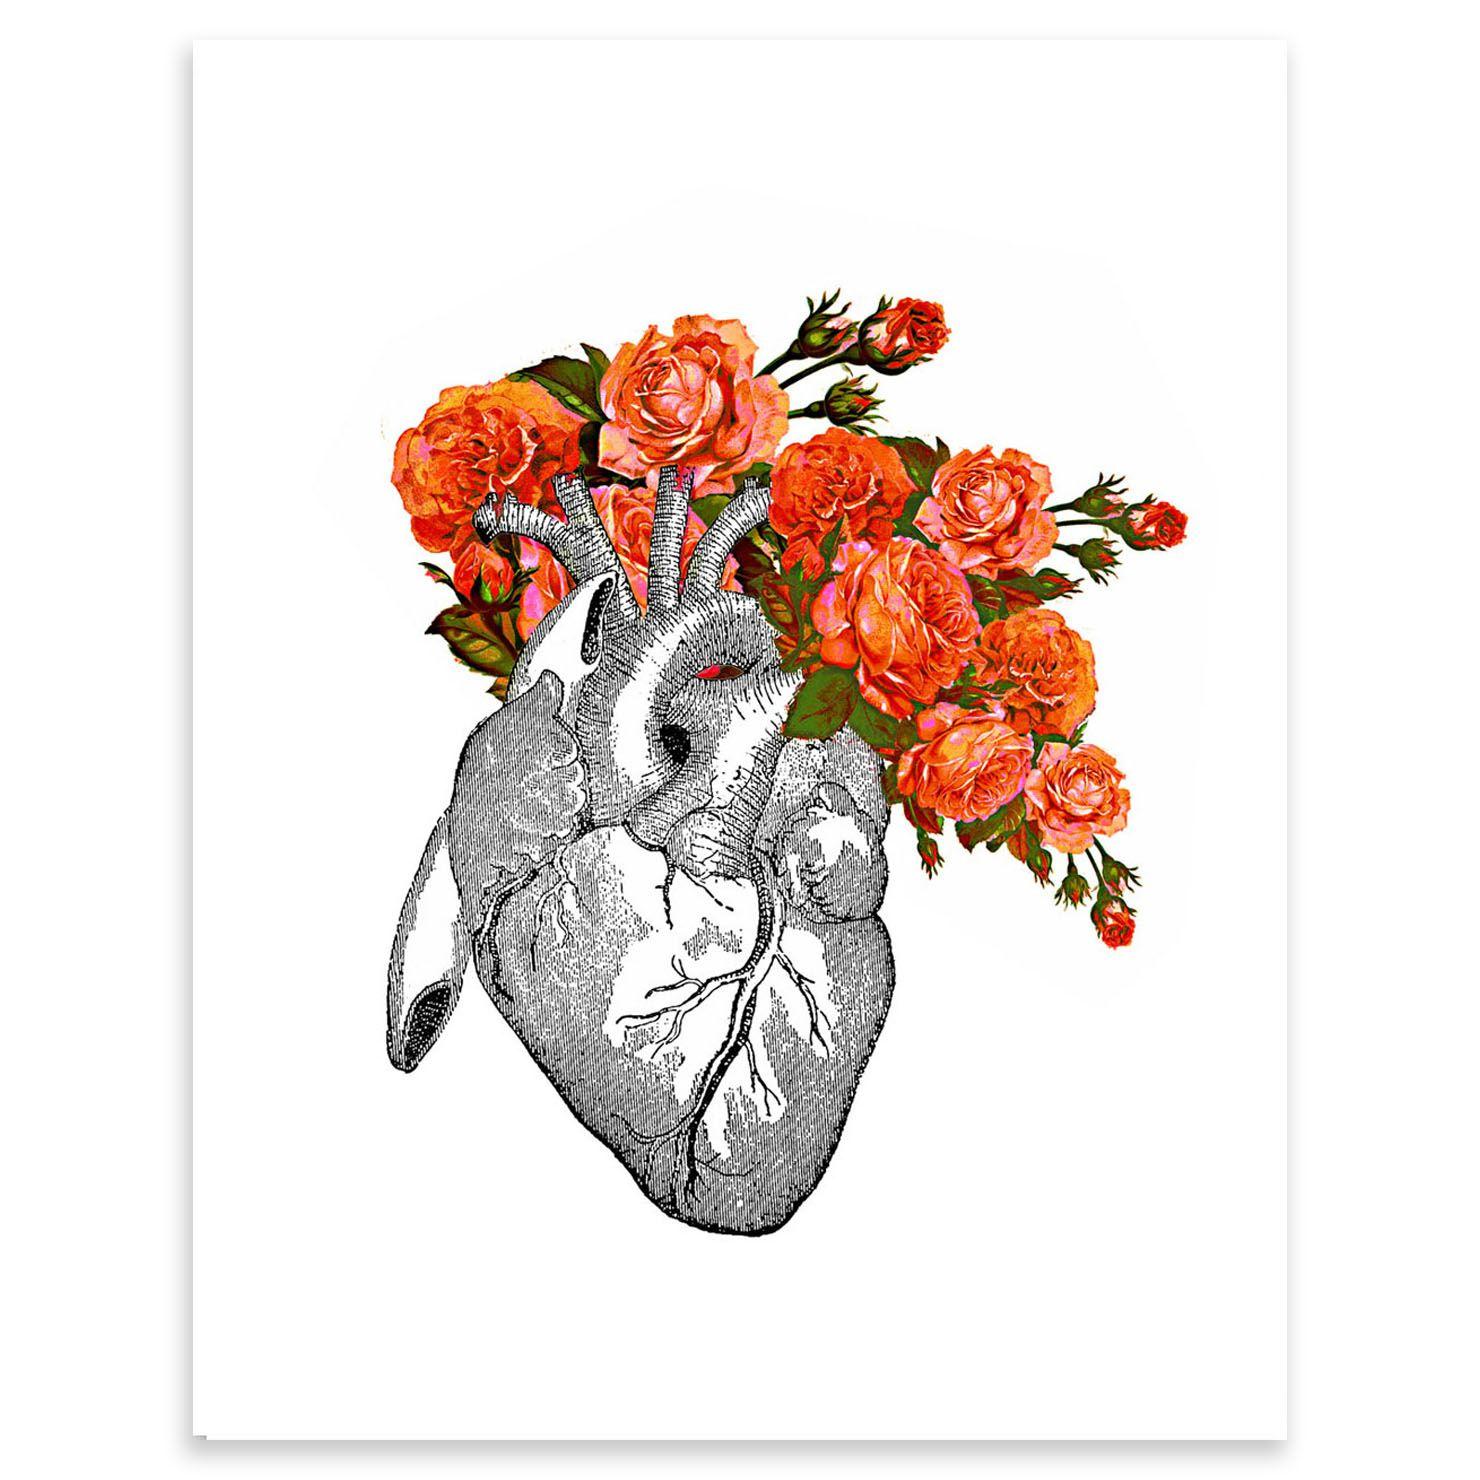 Rococco La - Flowering Heart Screen-print 30 X 35cm Corazon Illustration